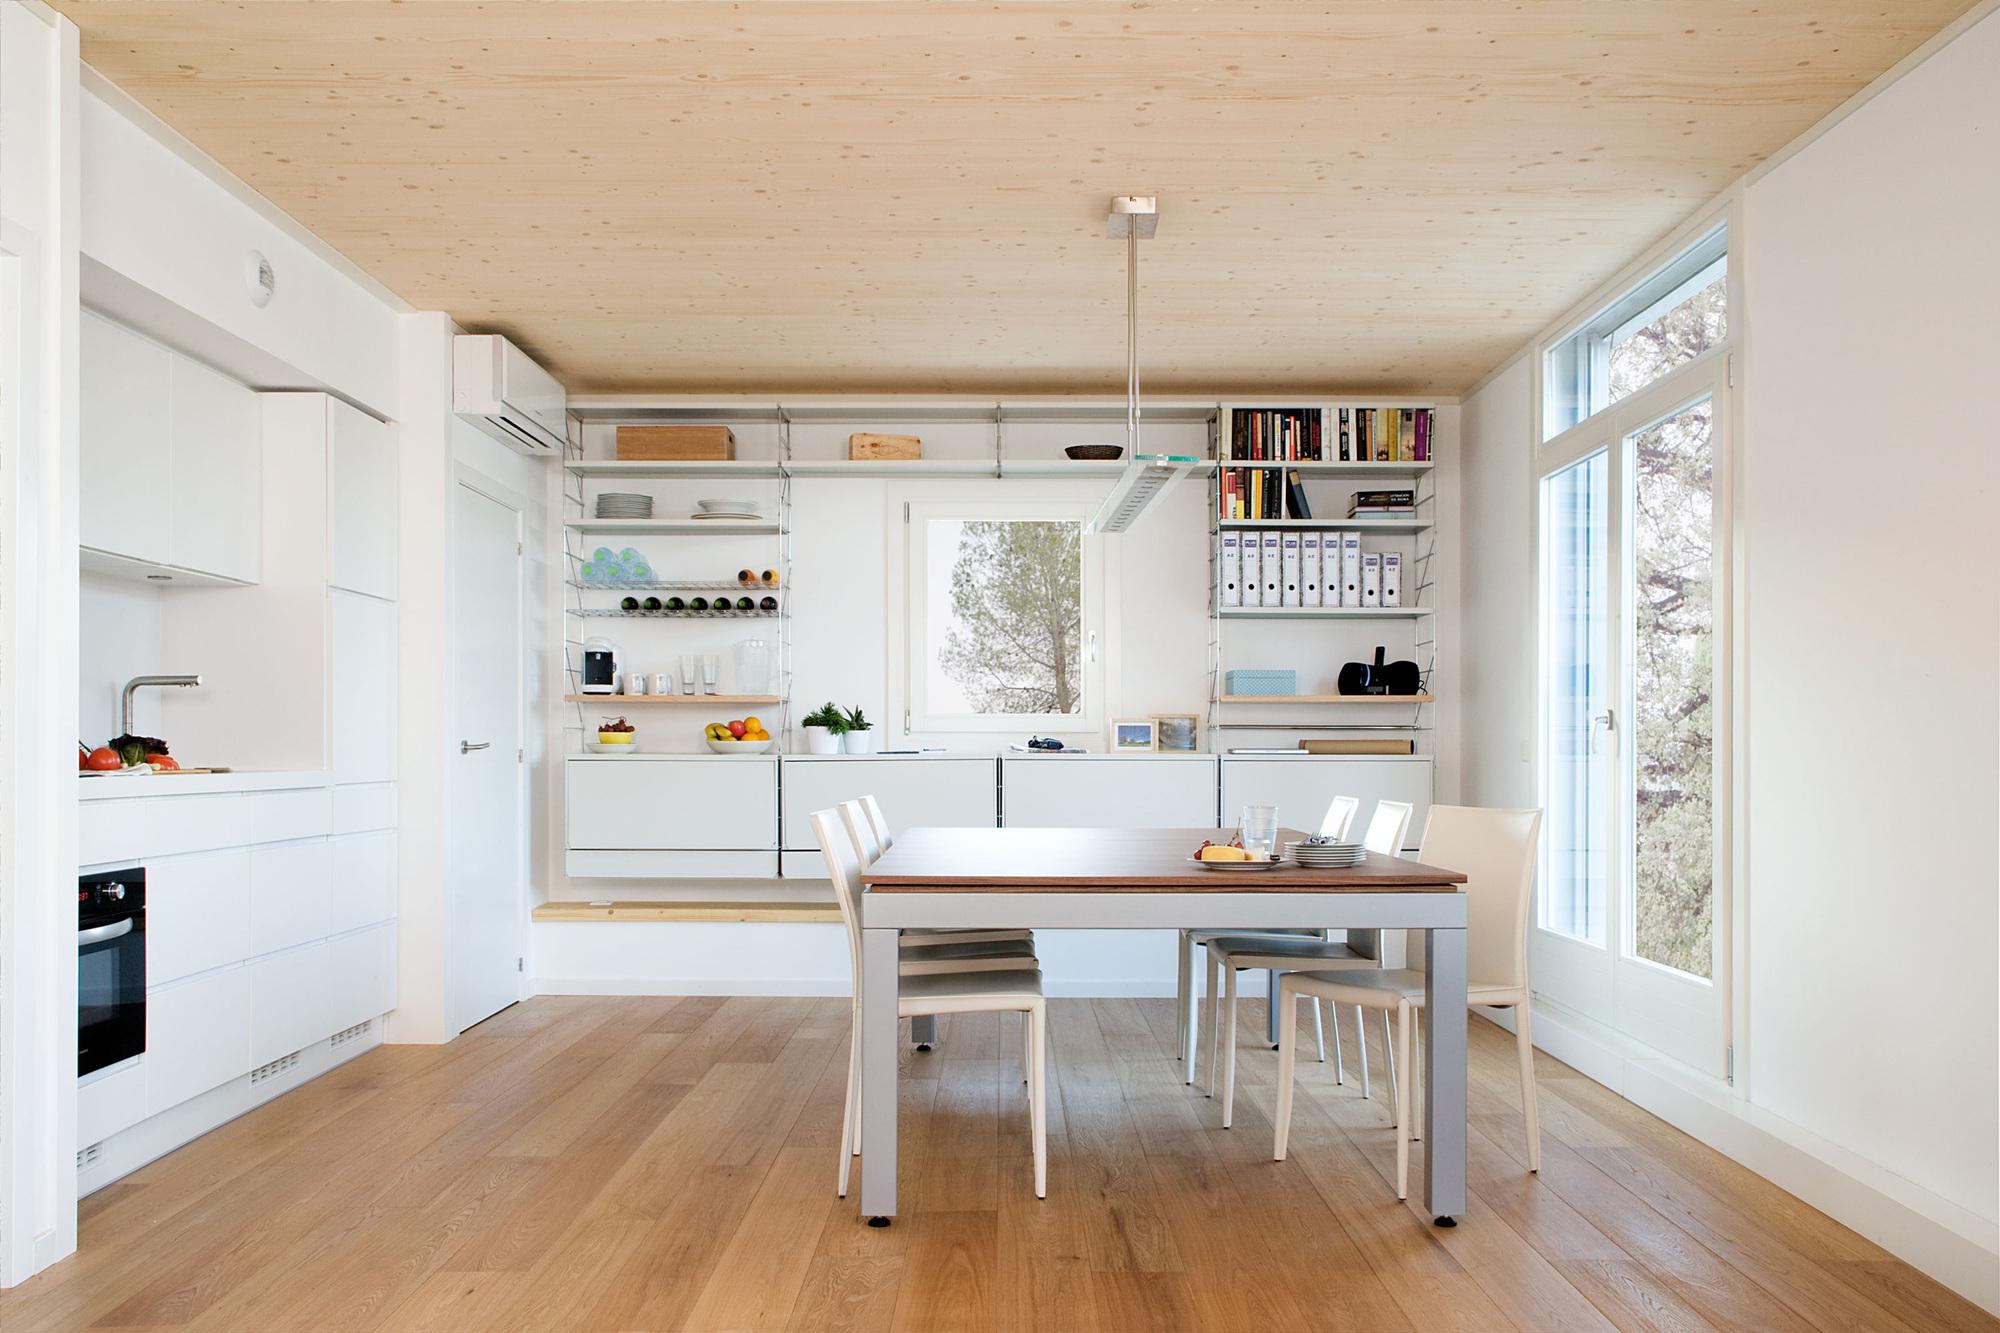 casa moderna ecologica 2